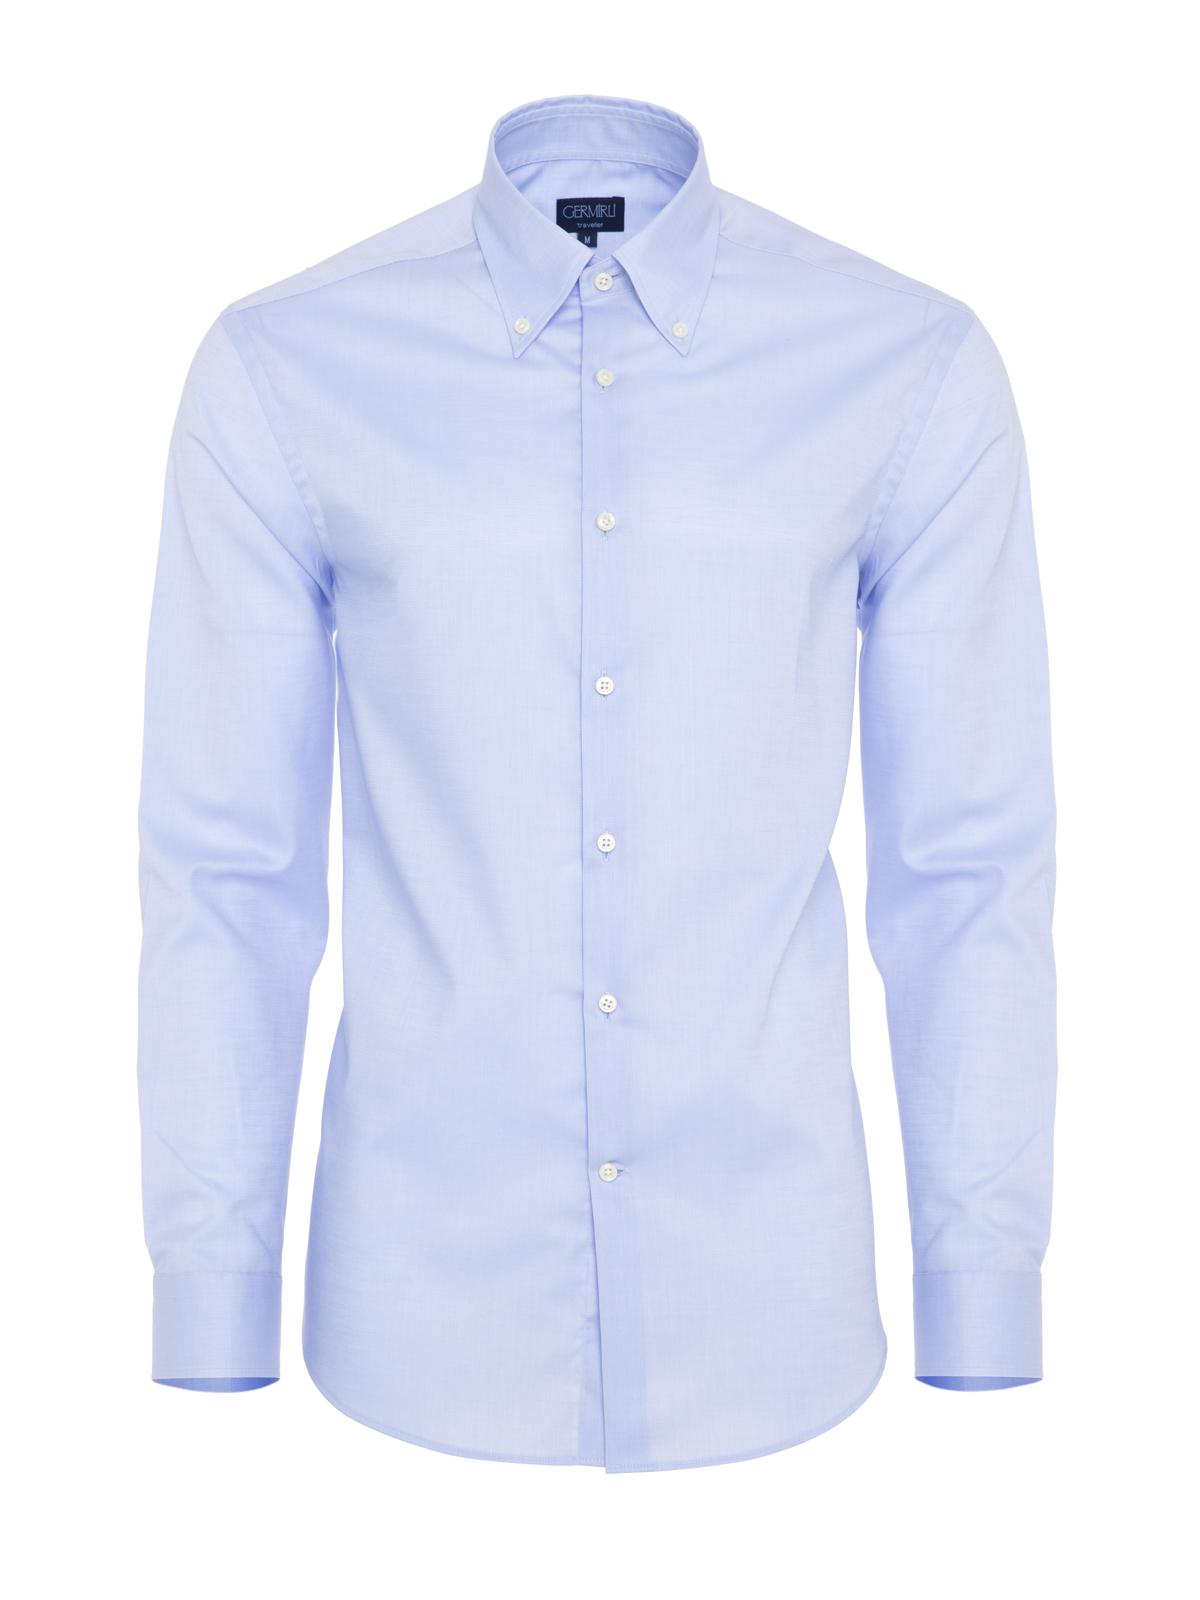 Germirli Non Iron Mavi Oxford Düğmeli Yaka Tailor Fit Gömlek